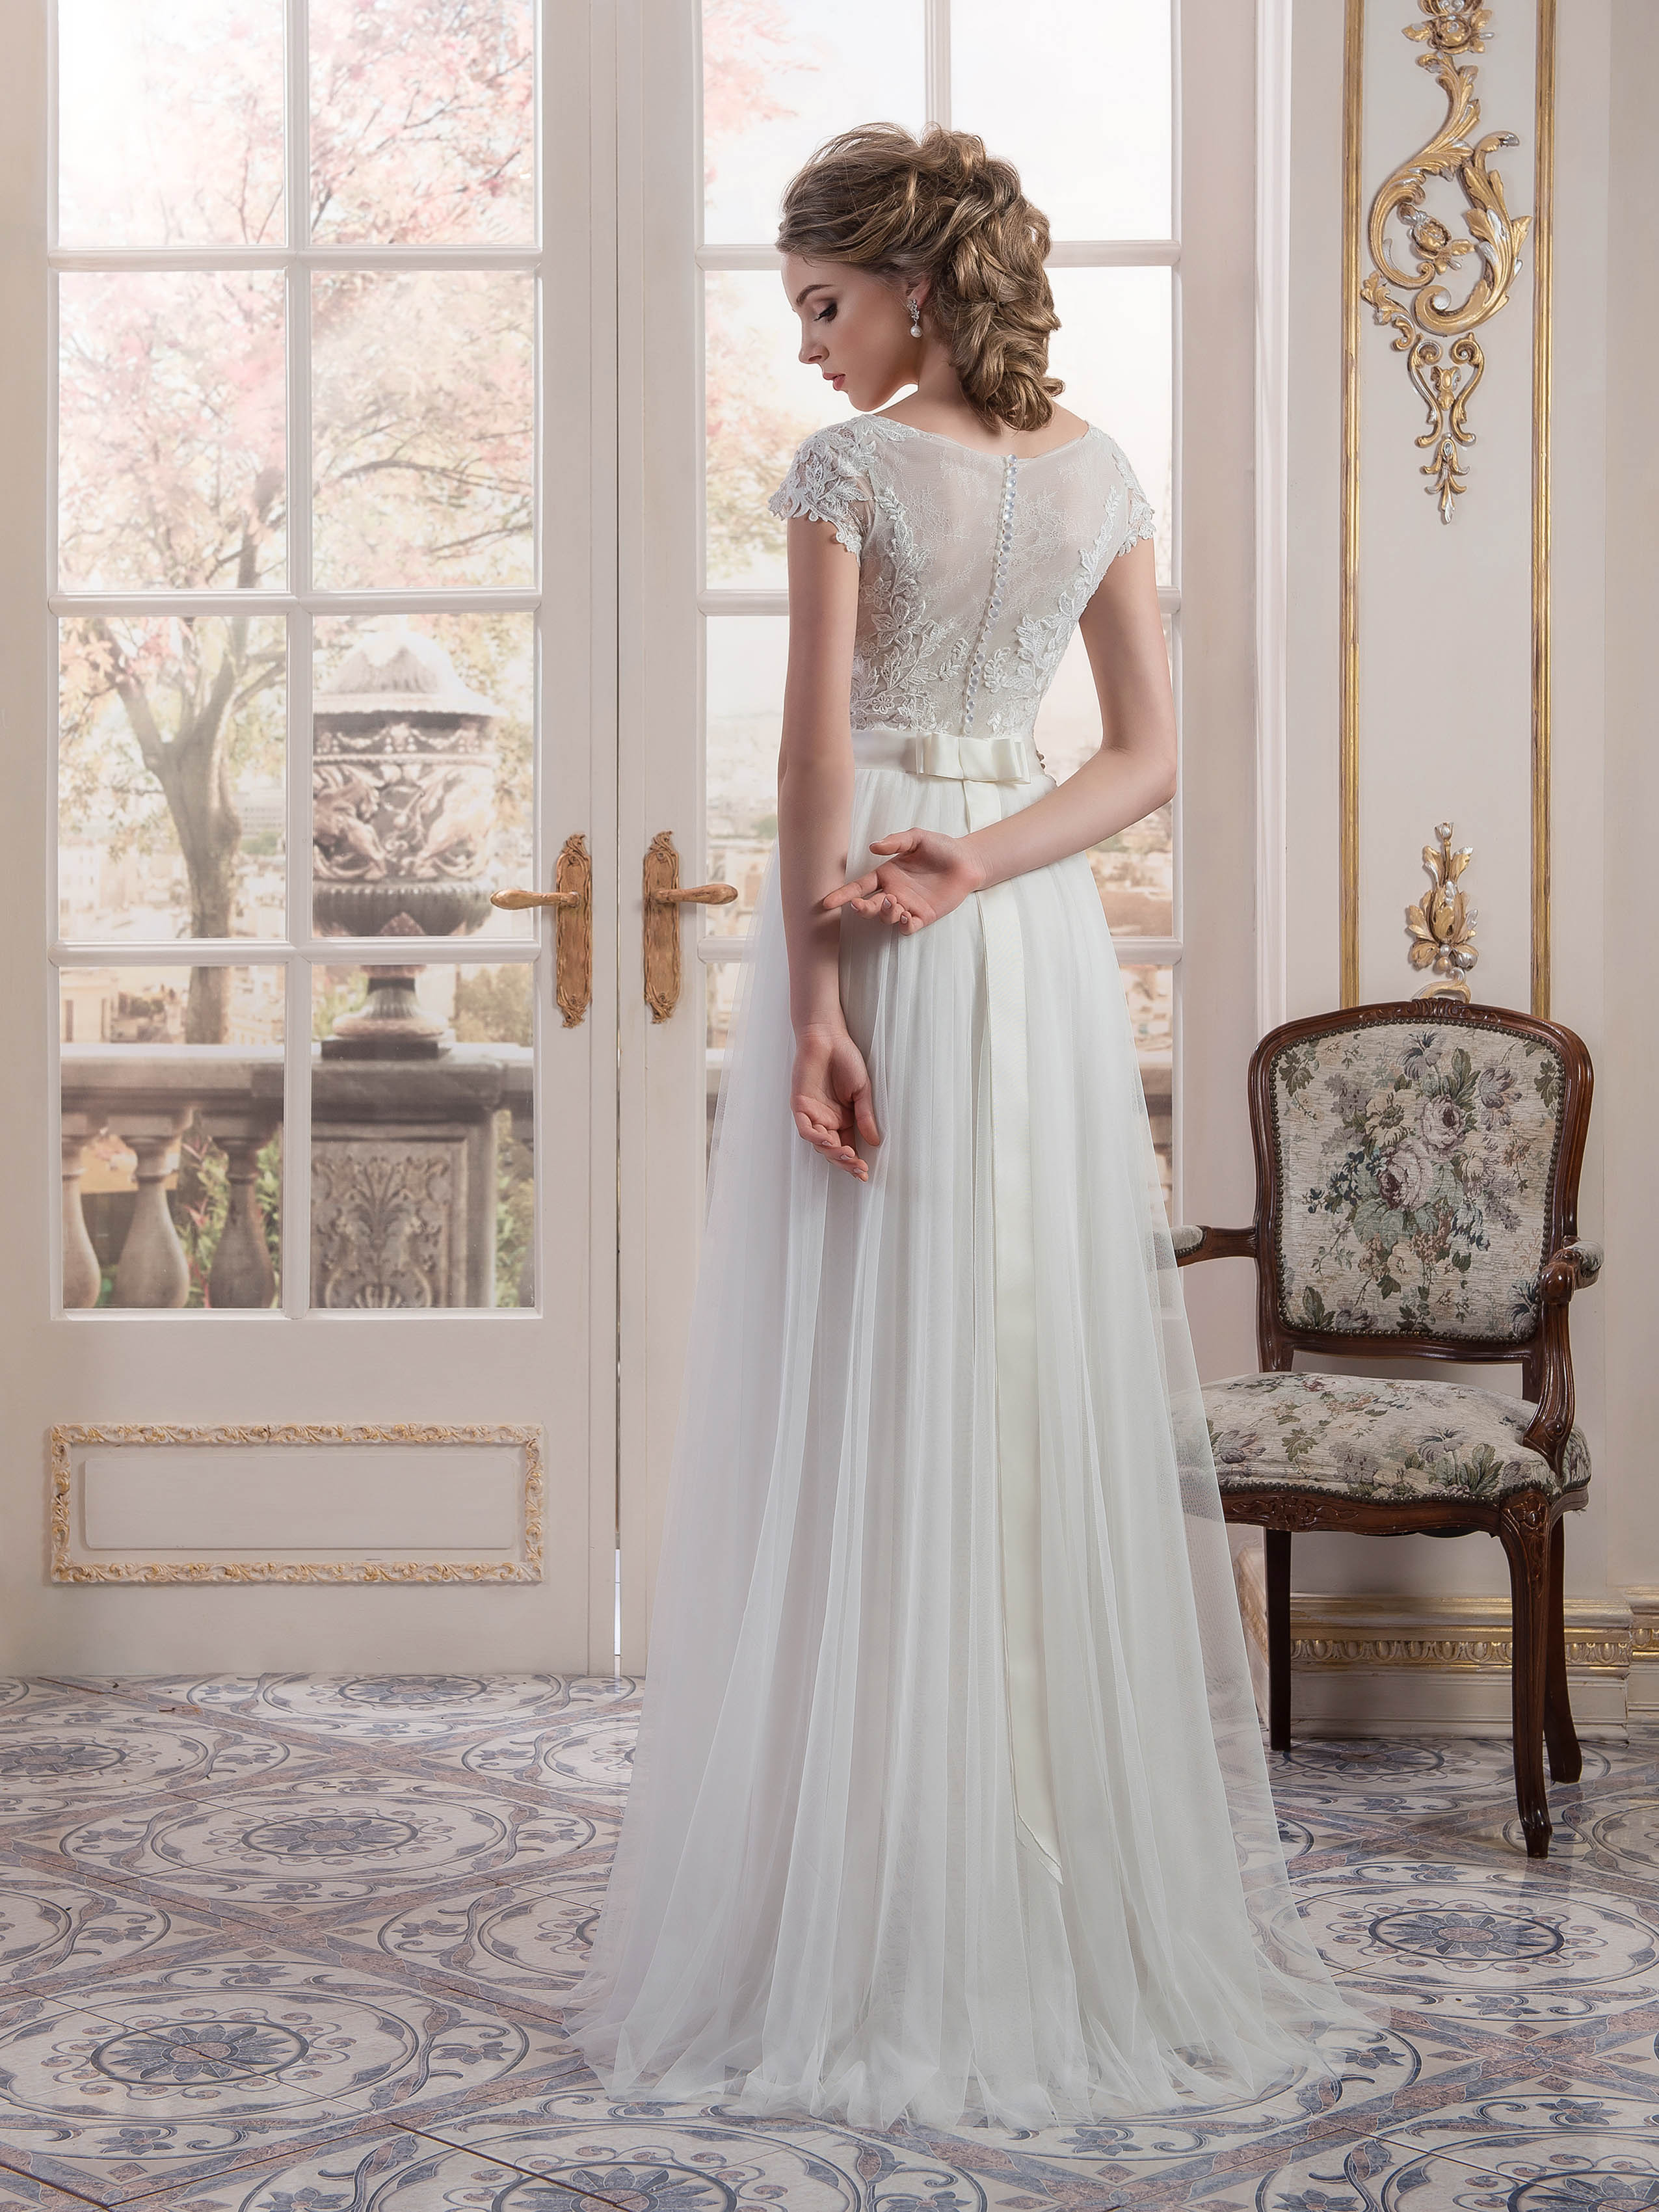 69eb07b3bca Свадебное платье Rita - купить свадебные платья в Санкт-Петербурге